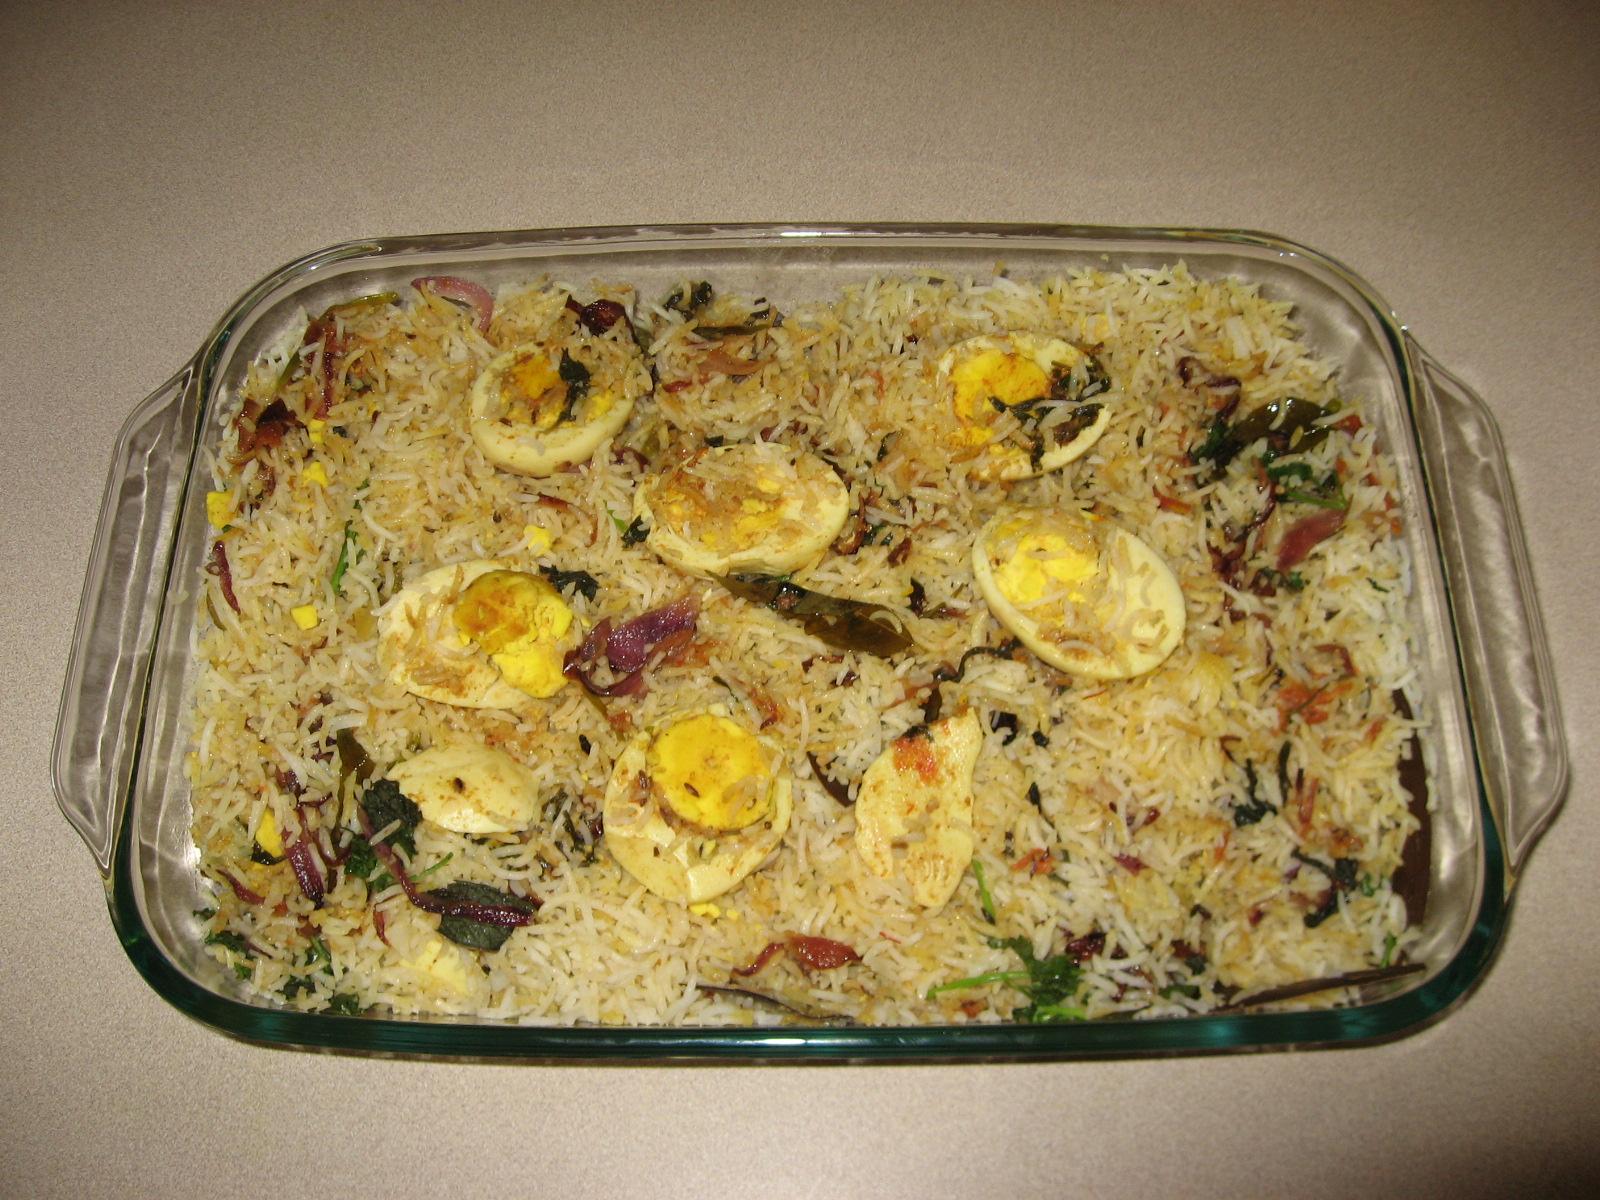 Egg biryani prepared for kids